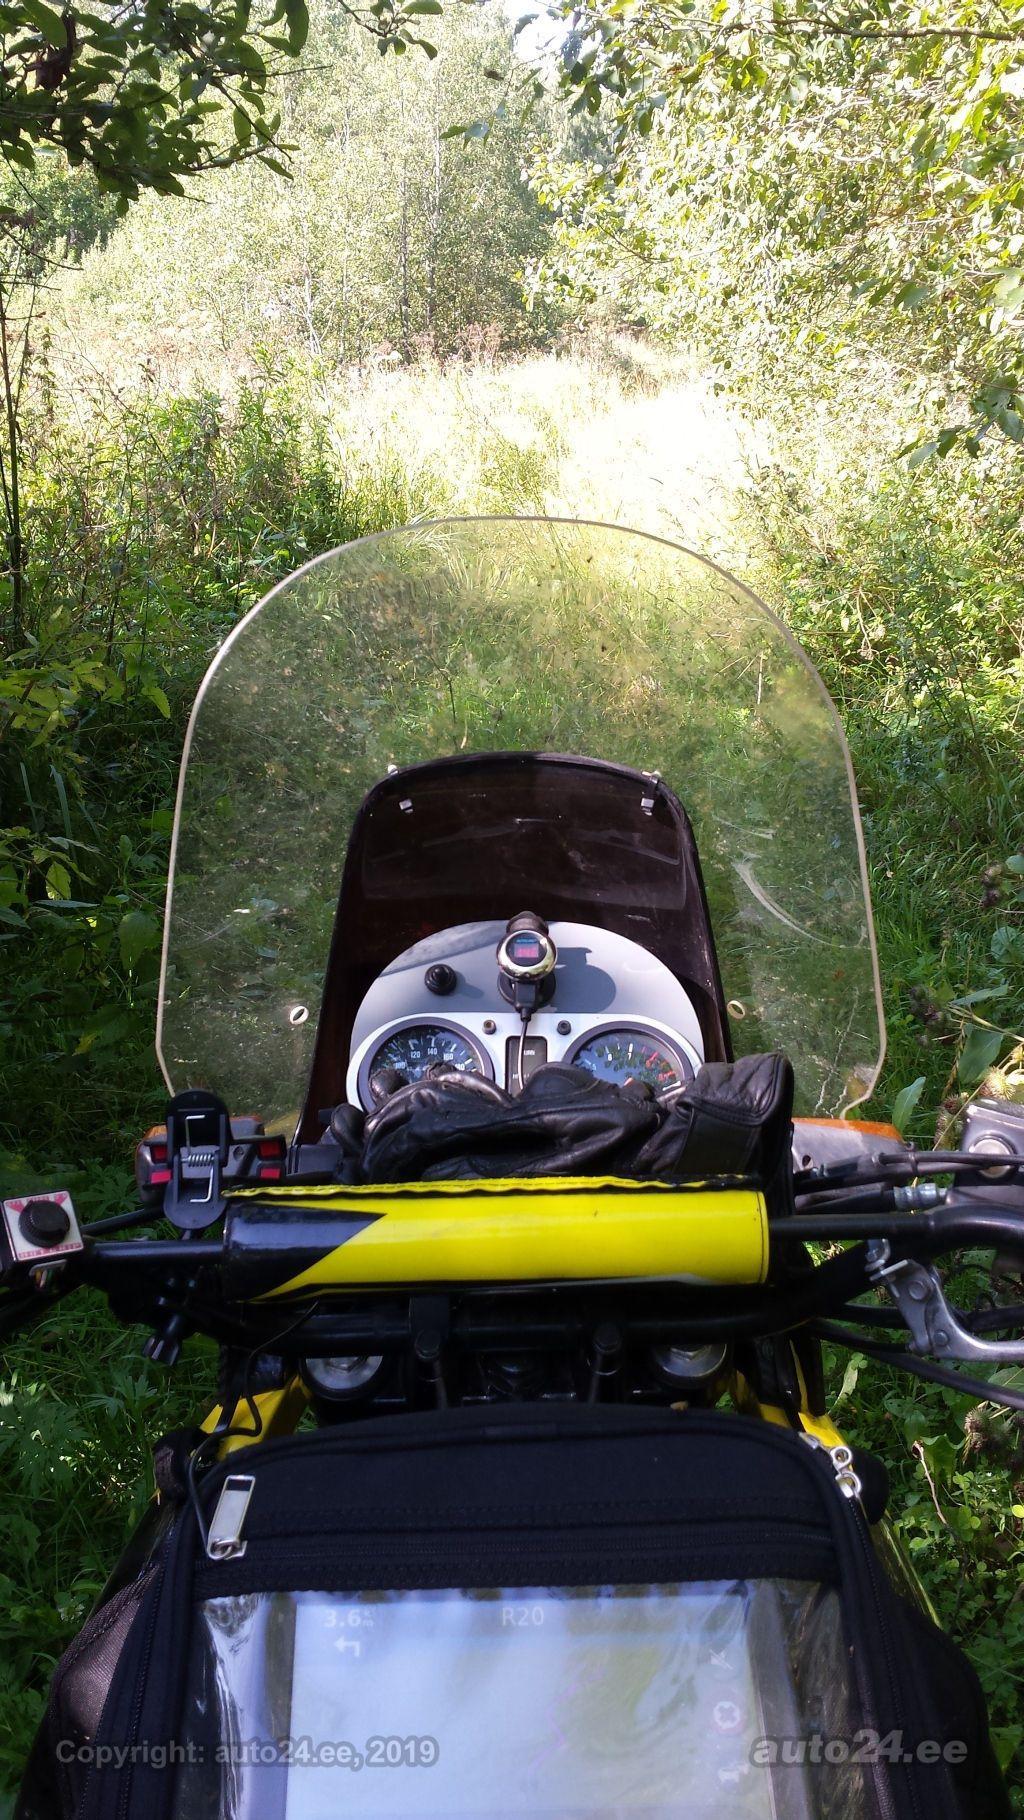 Suzuki DR 800 BIG R1 37kW